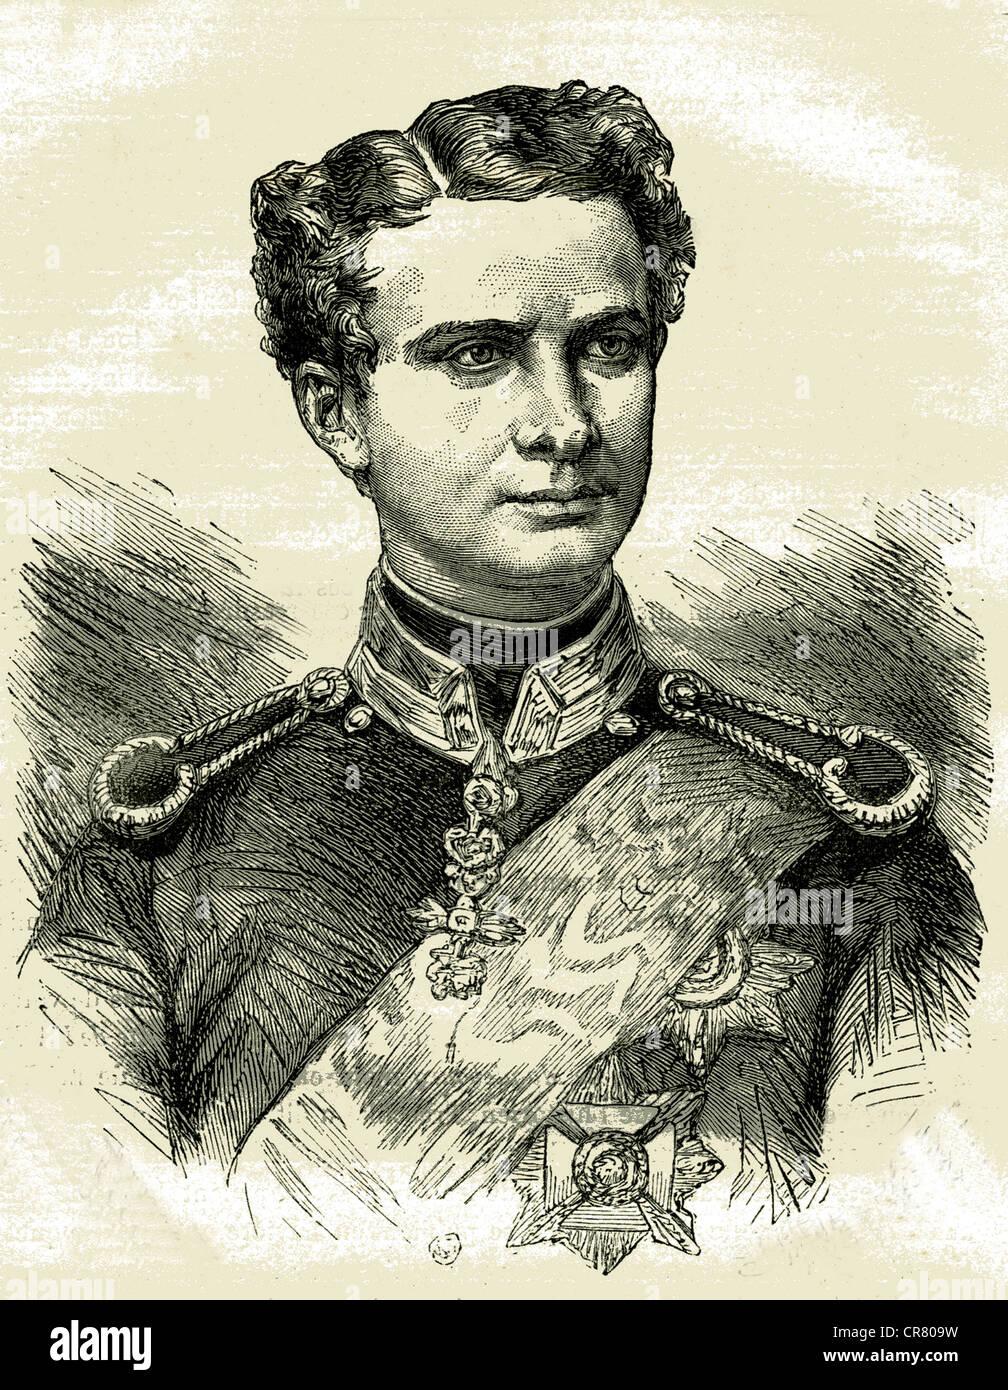 Ludwig II, King of Bavaria, 1845 - 1886, historical illustration, 1899 Stock Photo